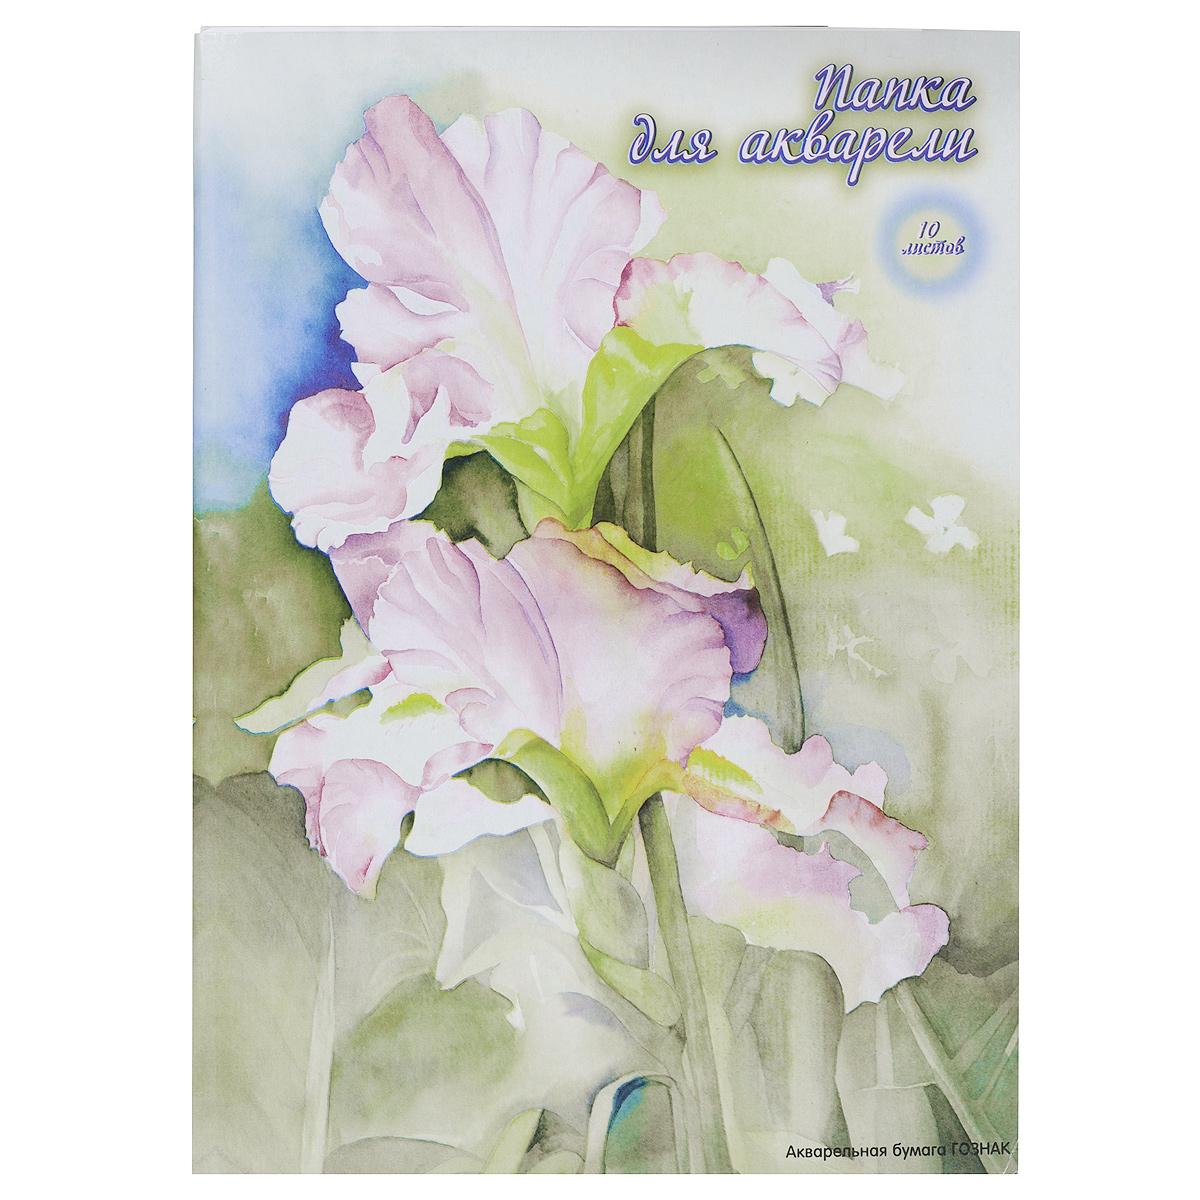 Бумага для акварели ACTION! Цветок, 10 листов, формат А3, цвет папки: серыйAFA-3/10серыйБумага ACTION! Цветок предназначена для акварельных работ. Комплект содержит десять листов бумаги формата А3, упакованных в картонную папку с изображением цветка. Рекомендуемый возраст: от 6 лет.